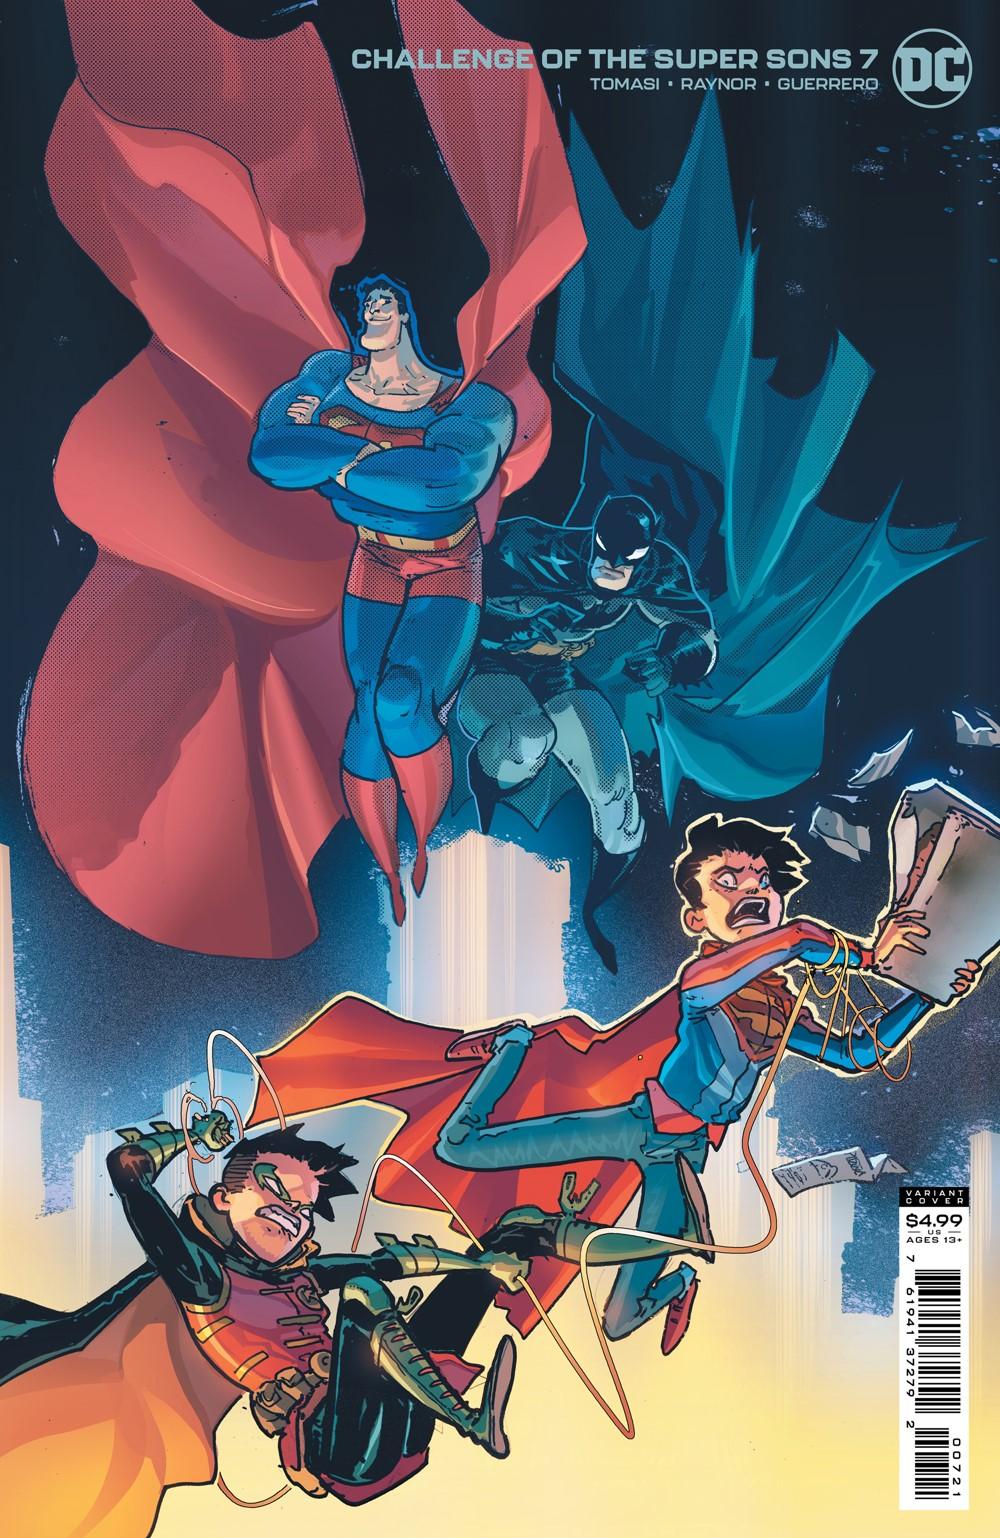 COTSuperSons_Cv7_var_00721 DC Comics October 2021 Solicitations